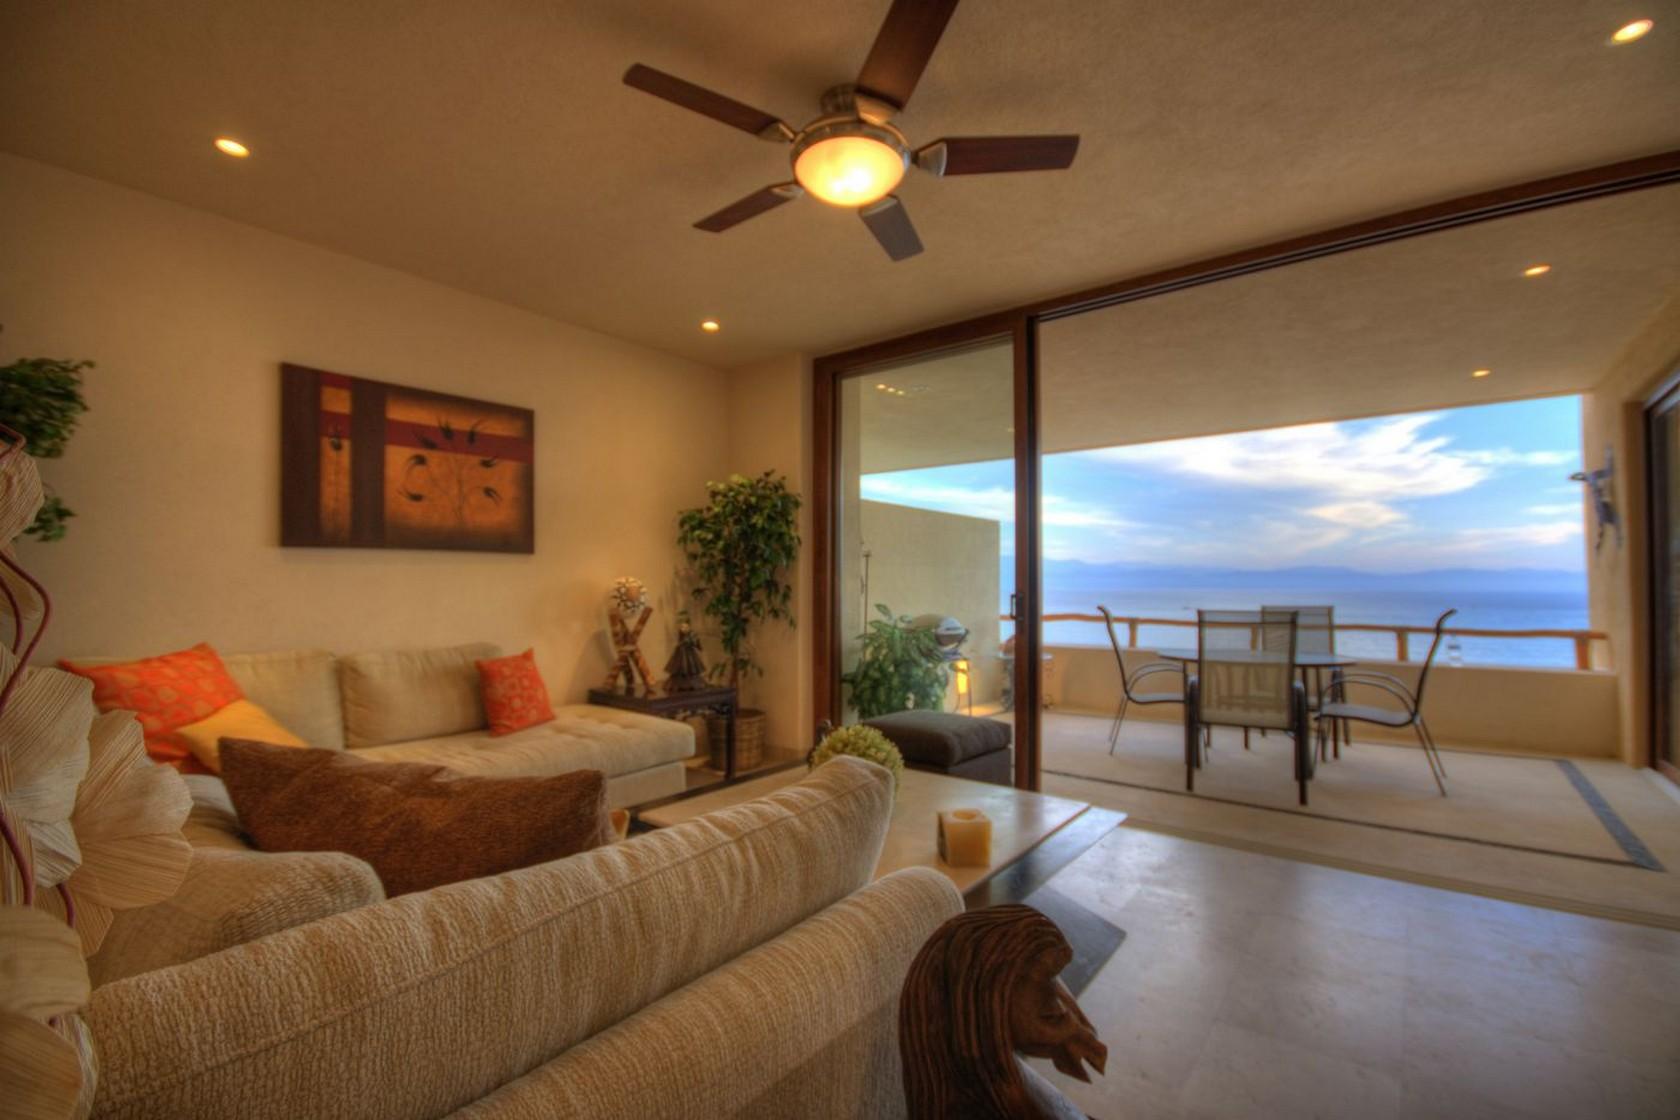 Sala con vista al mar Departamento en venta Punta Esmeralda Resort La Cruz de Huanacaxtle